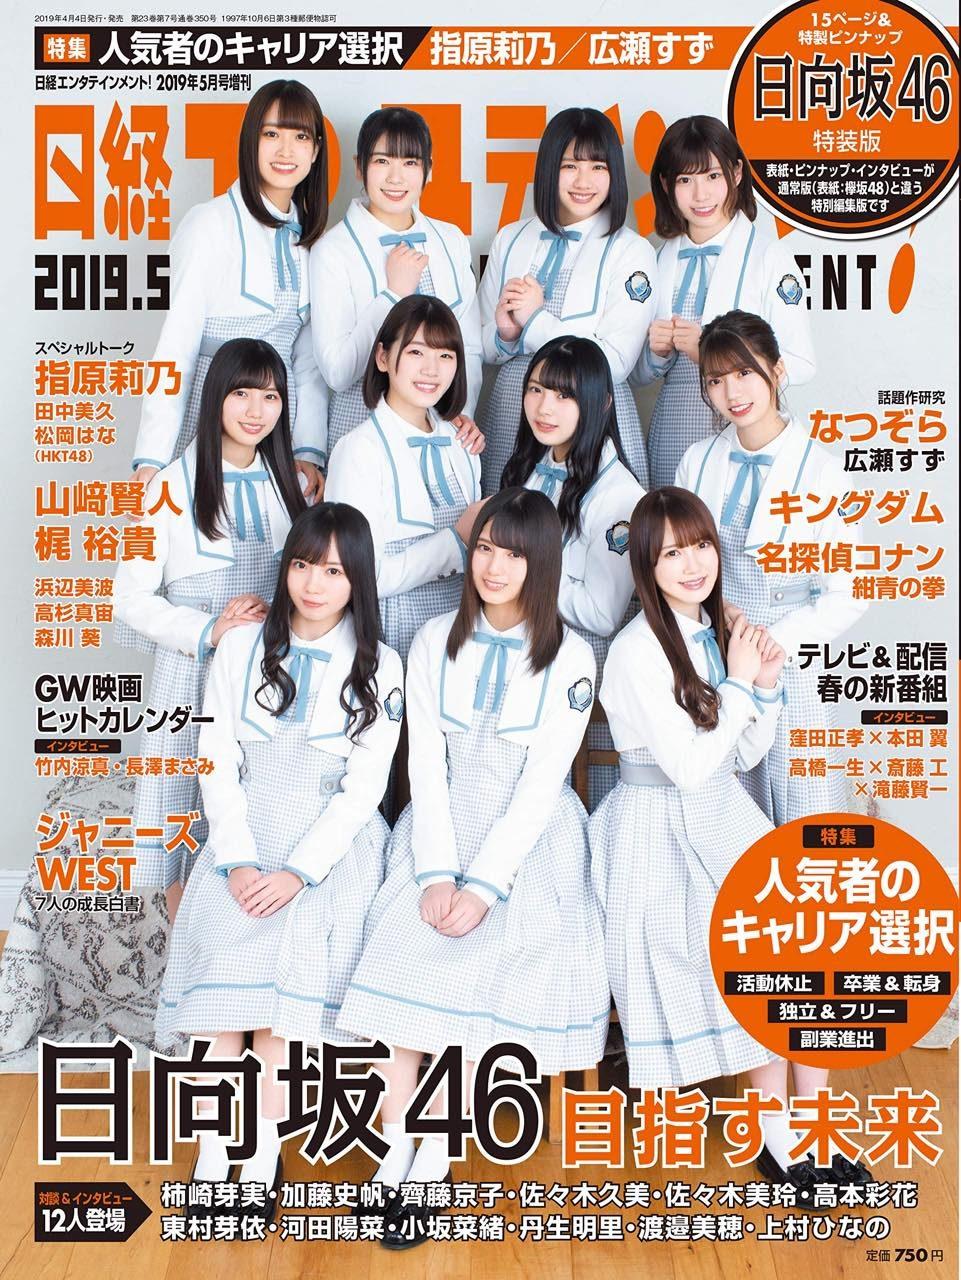 日経エンタテインメント! 2019年5月号 日向坂46特装版